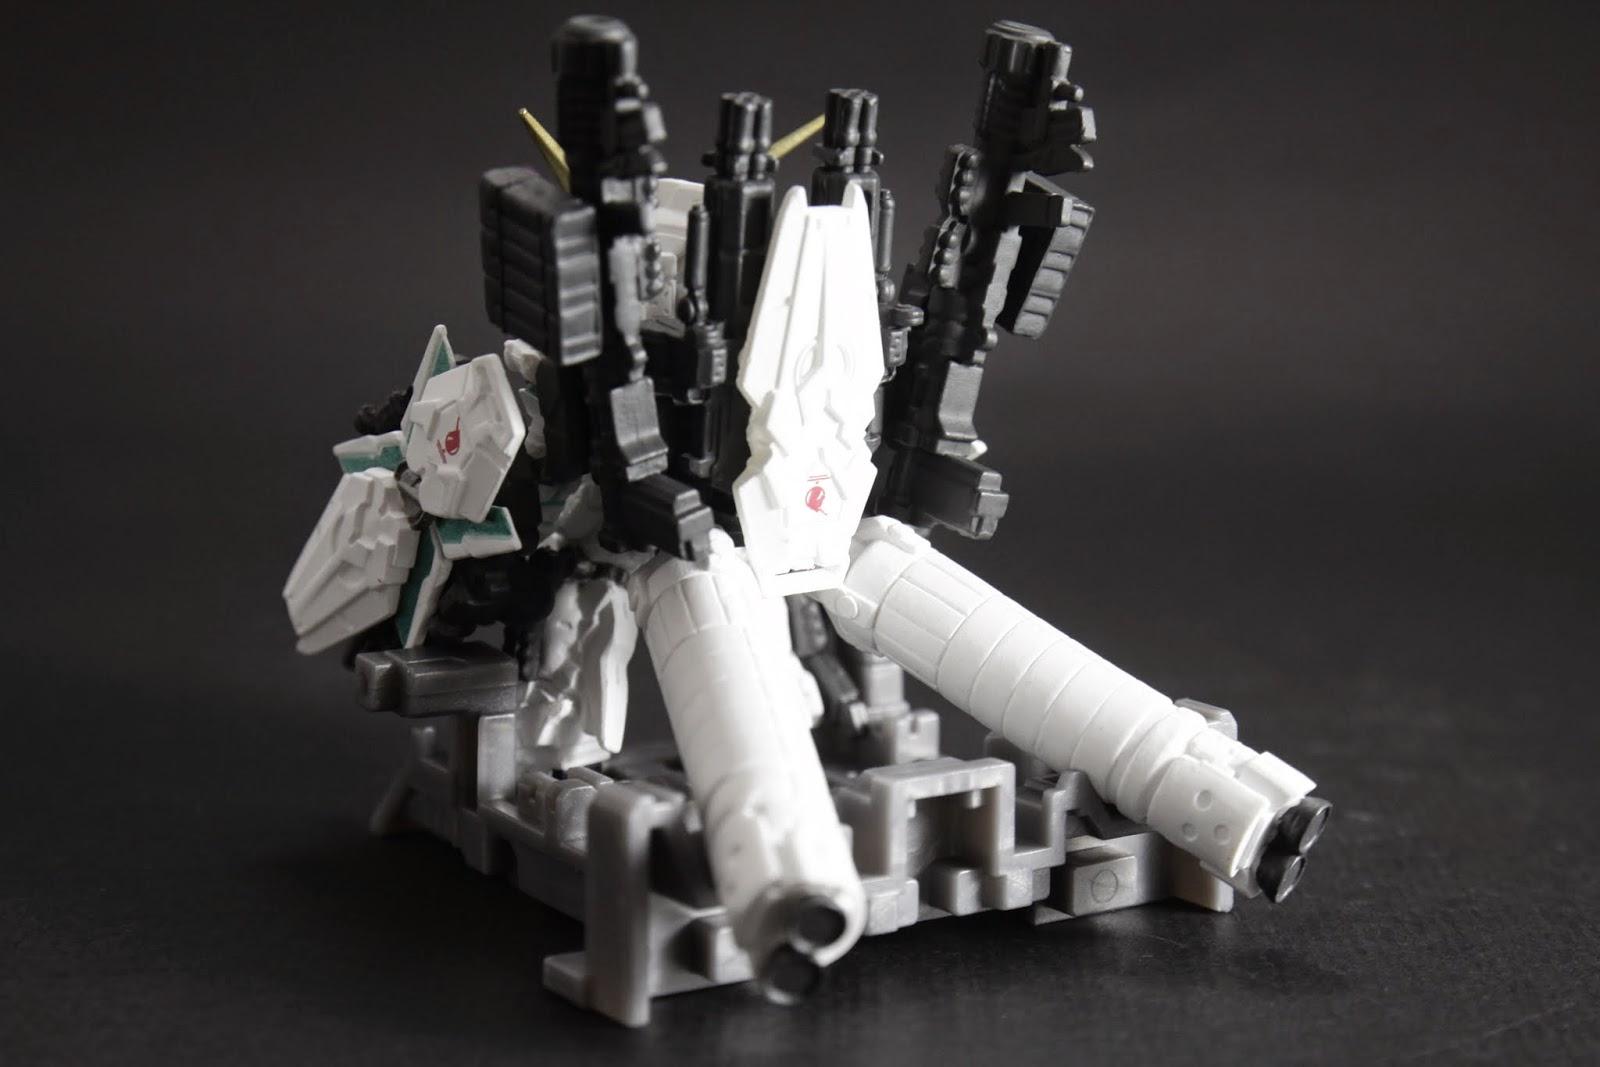 後方兩管是大型燃料推進器 原本用意是長距離突進,結果被一個死中二來亂